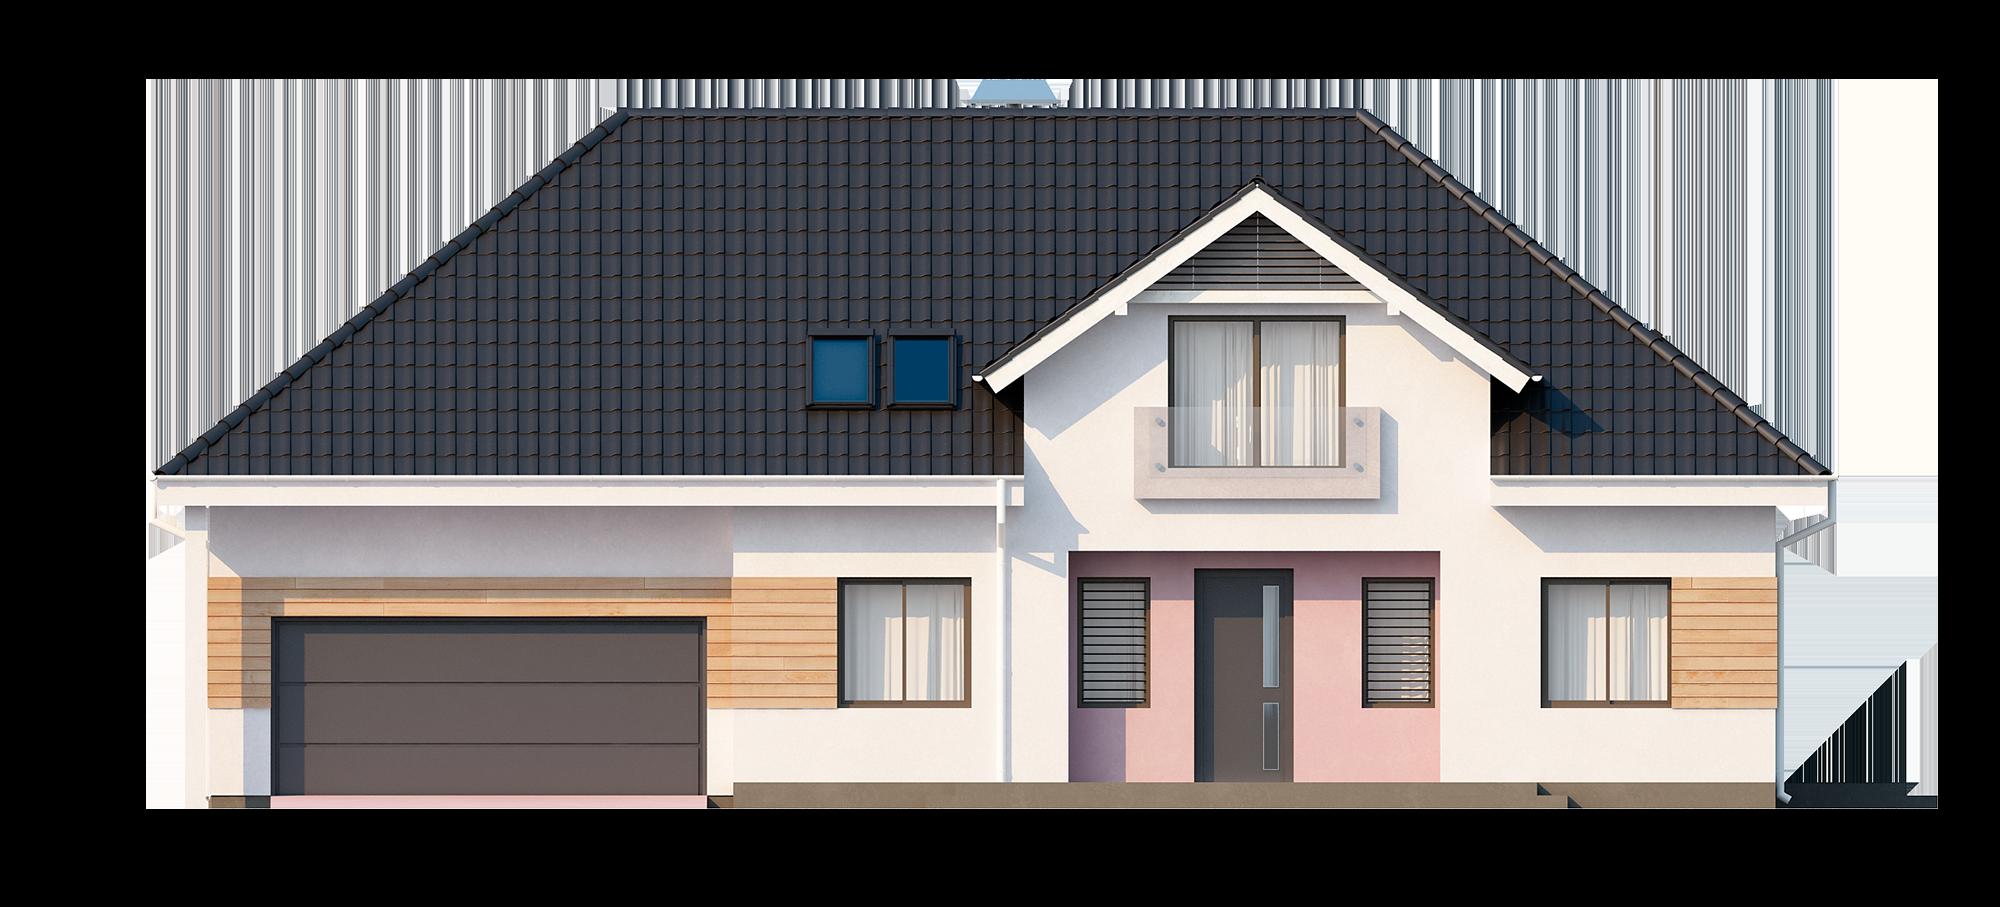 Дом - коттедж, жилье, дом, архитектура